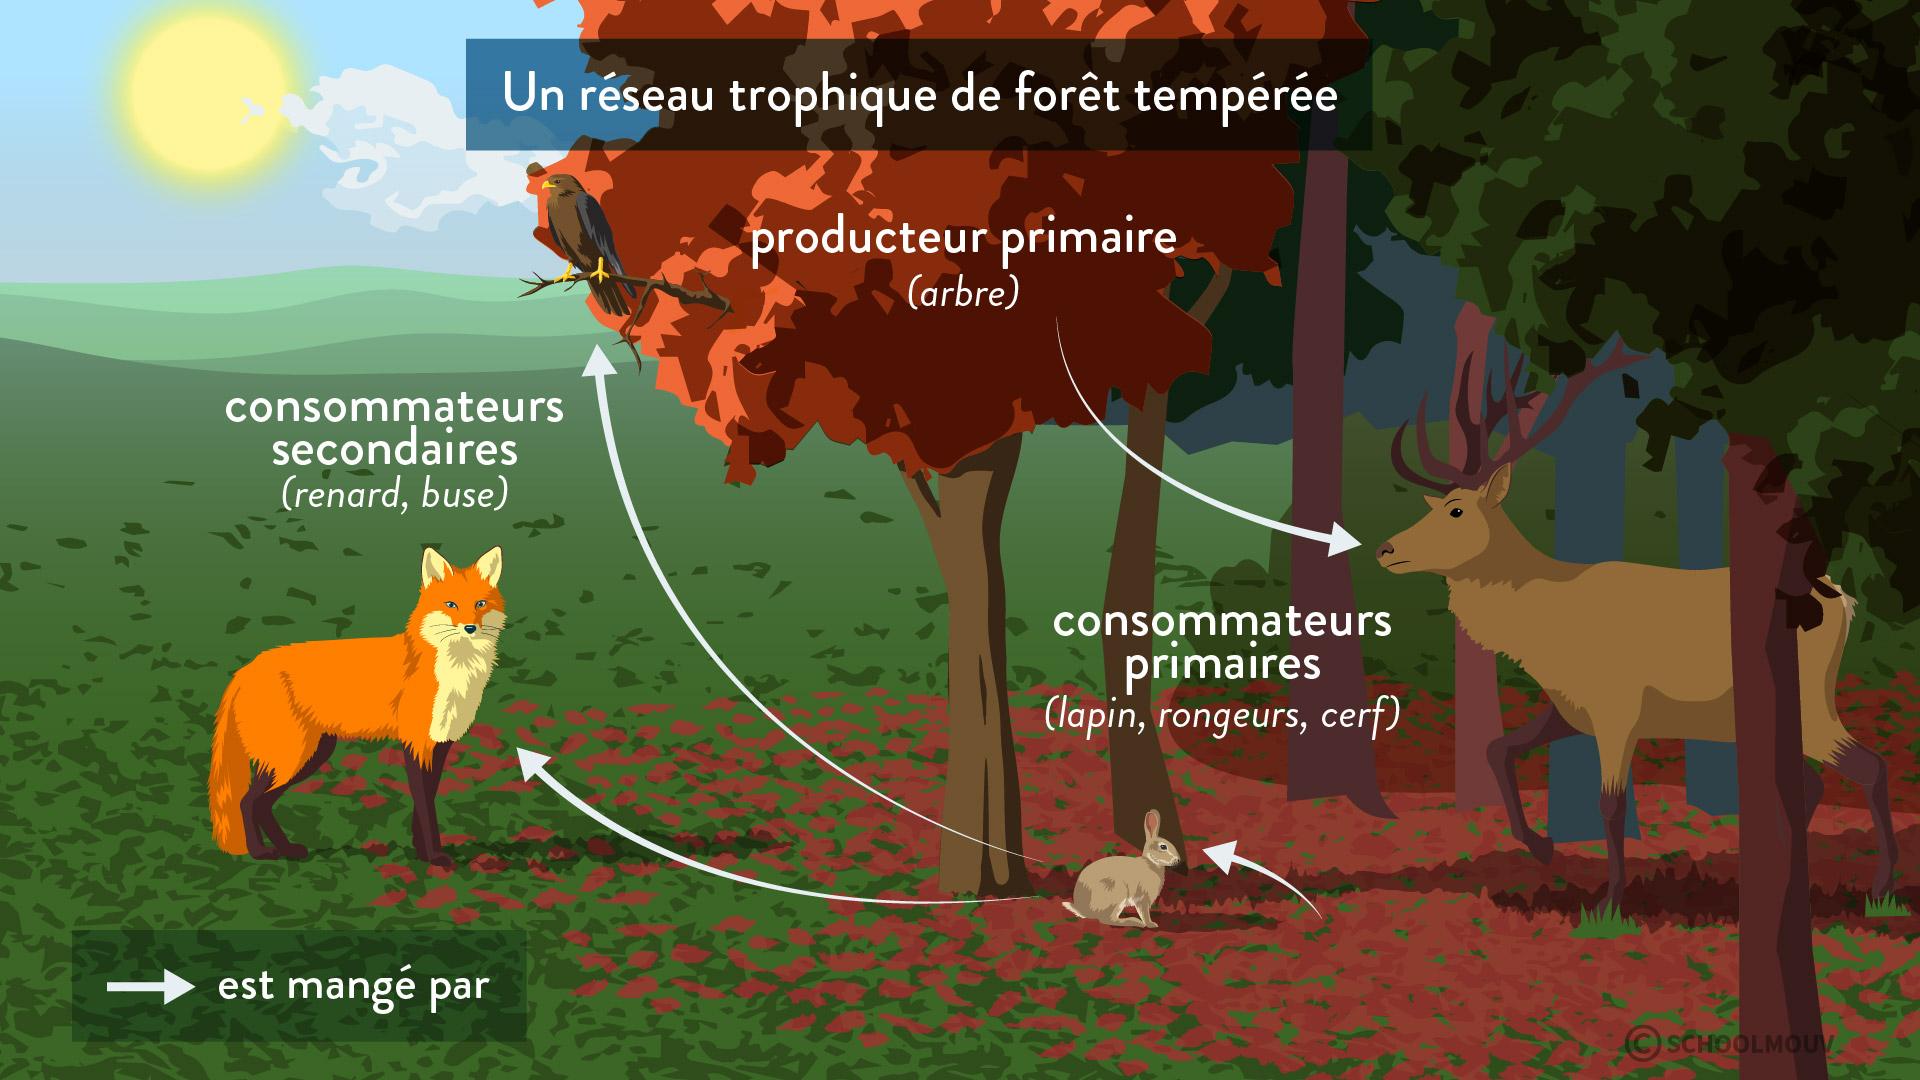 réseau trophique forêt tempérée écosystème producteur primaire consommateurs primaires secondaires interactions entre les êtres vivants svt première schoolmouv